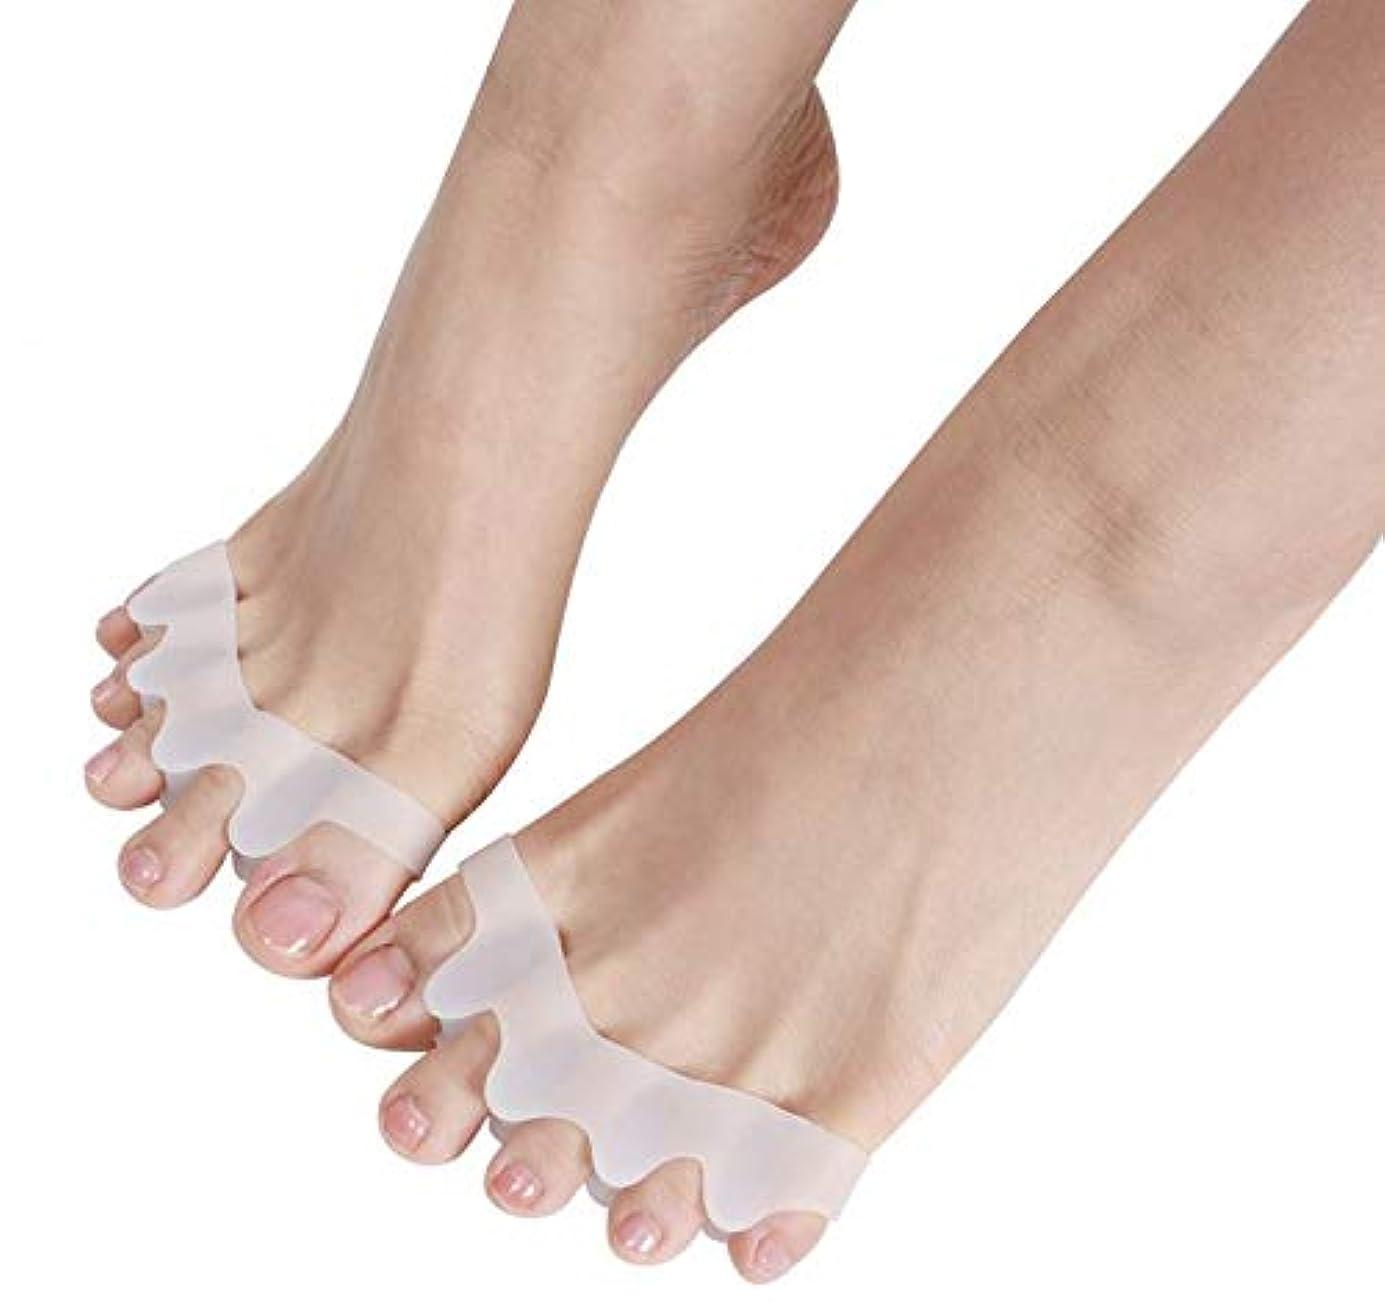 アルコール飢饉成長lucrubun 足の痛みの対策 ちゃんとしてますか。 足指矯正パッド 外反母趾 足のゆがみ 男女性兼用 シリコンサポーター 両足セット 足の痛み対策に 足指矯正シリコンサポーター 外反母趾の矯正にも効果的 男女兼用 洗...